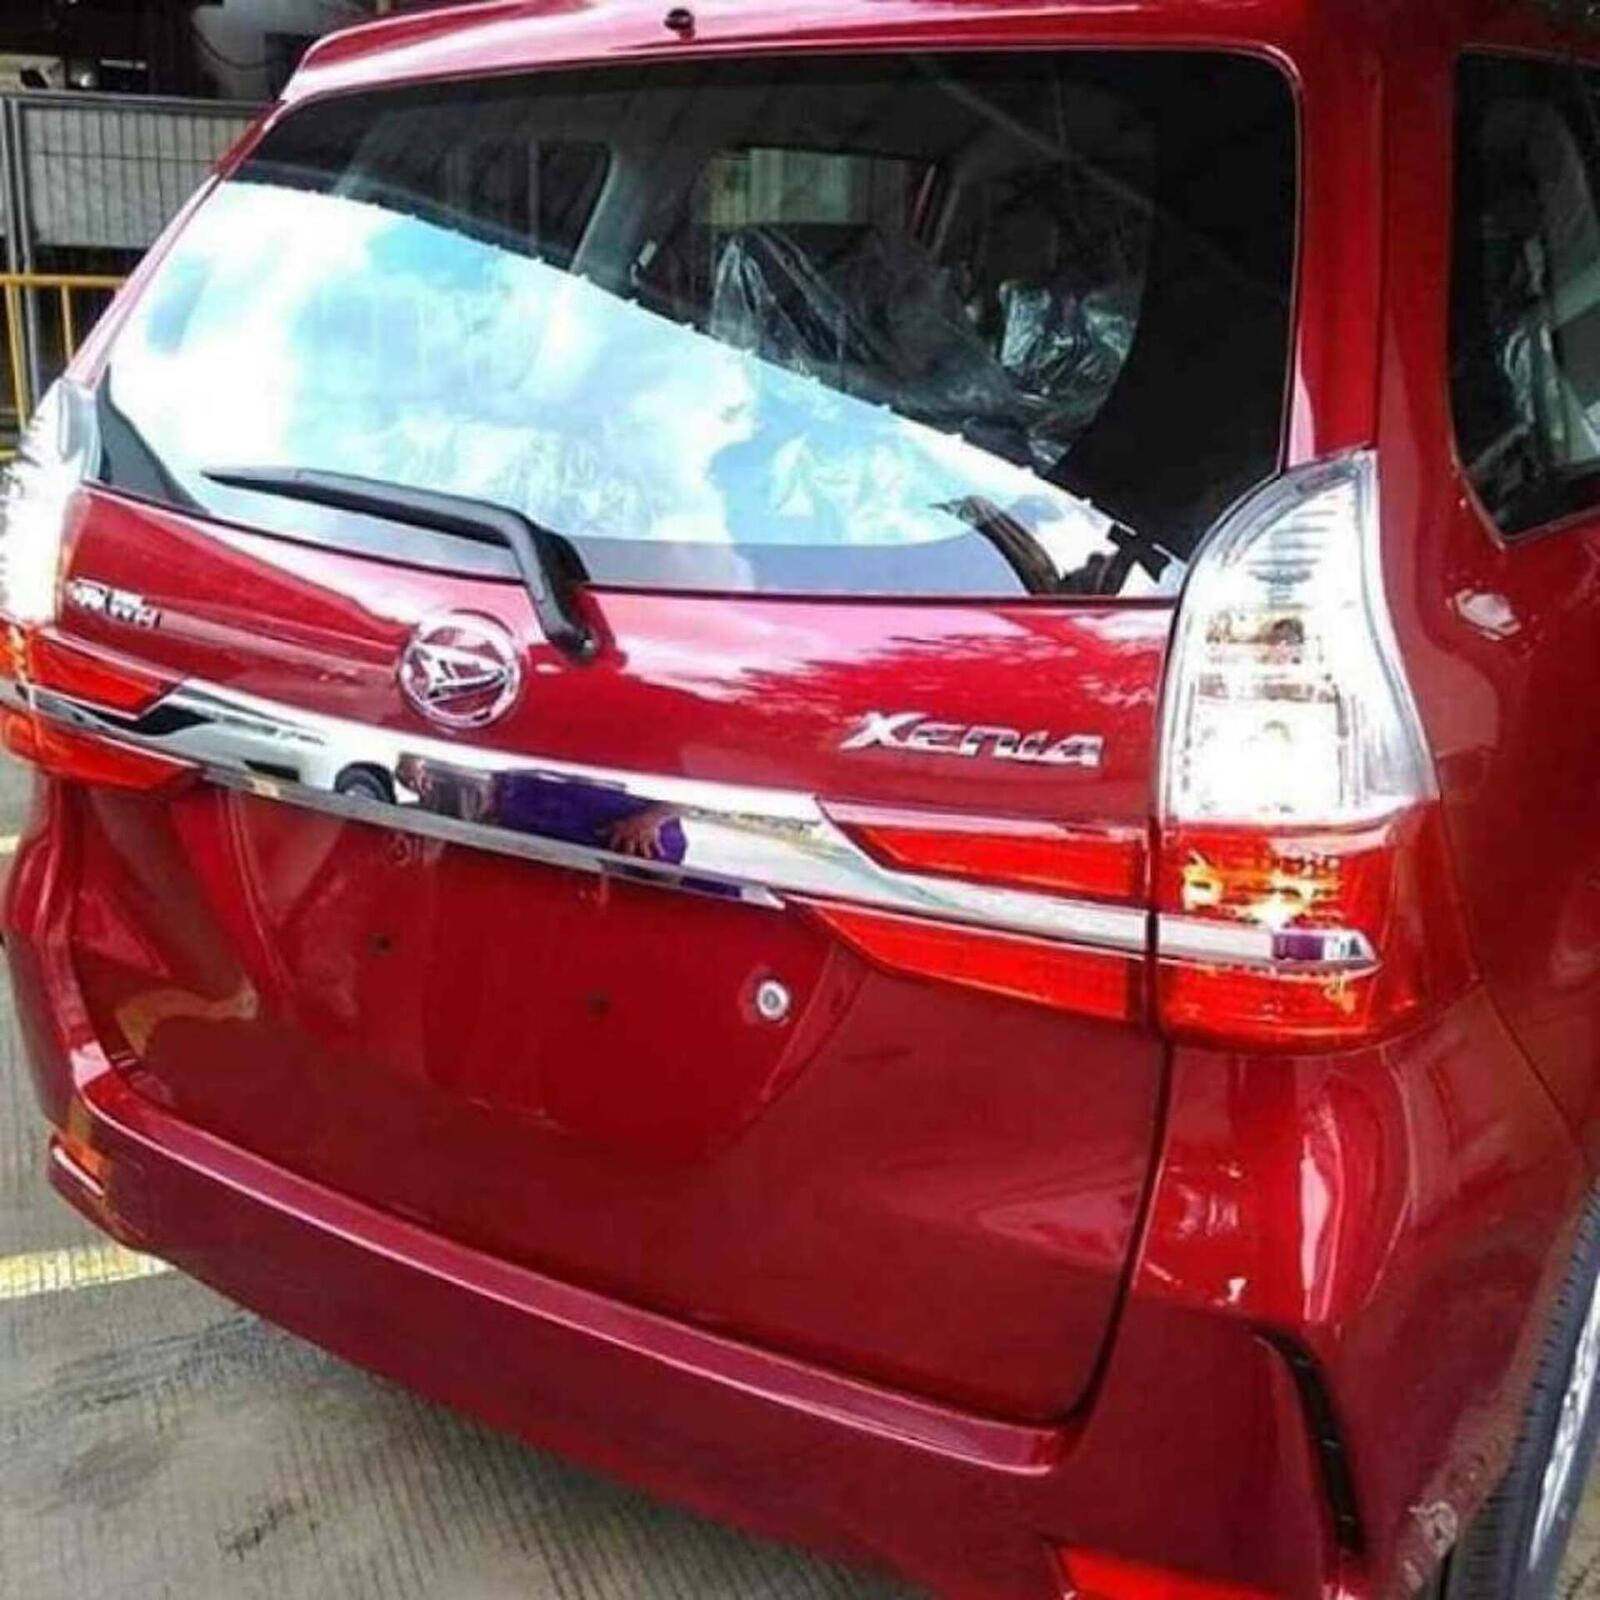 Lộ diện Toyota Avanza 2019 phiên bản nâng cấp Facelift mới với thiết kế đẹp phiên bản cũ - Hình 13